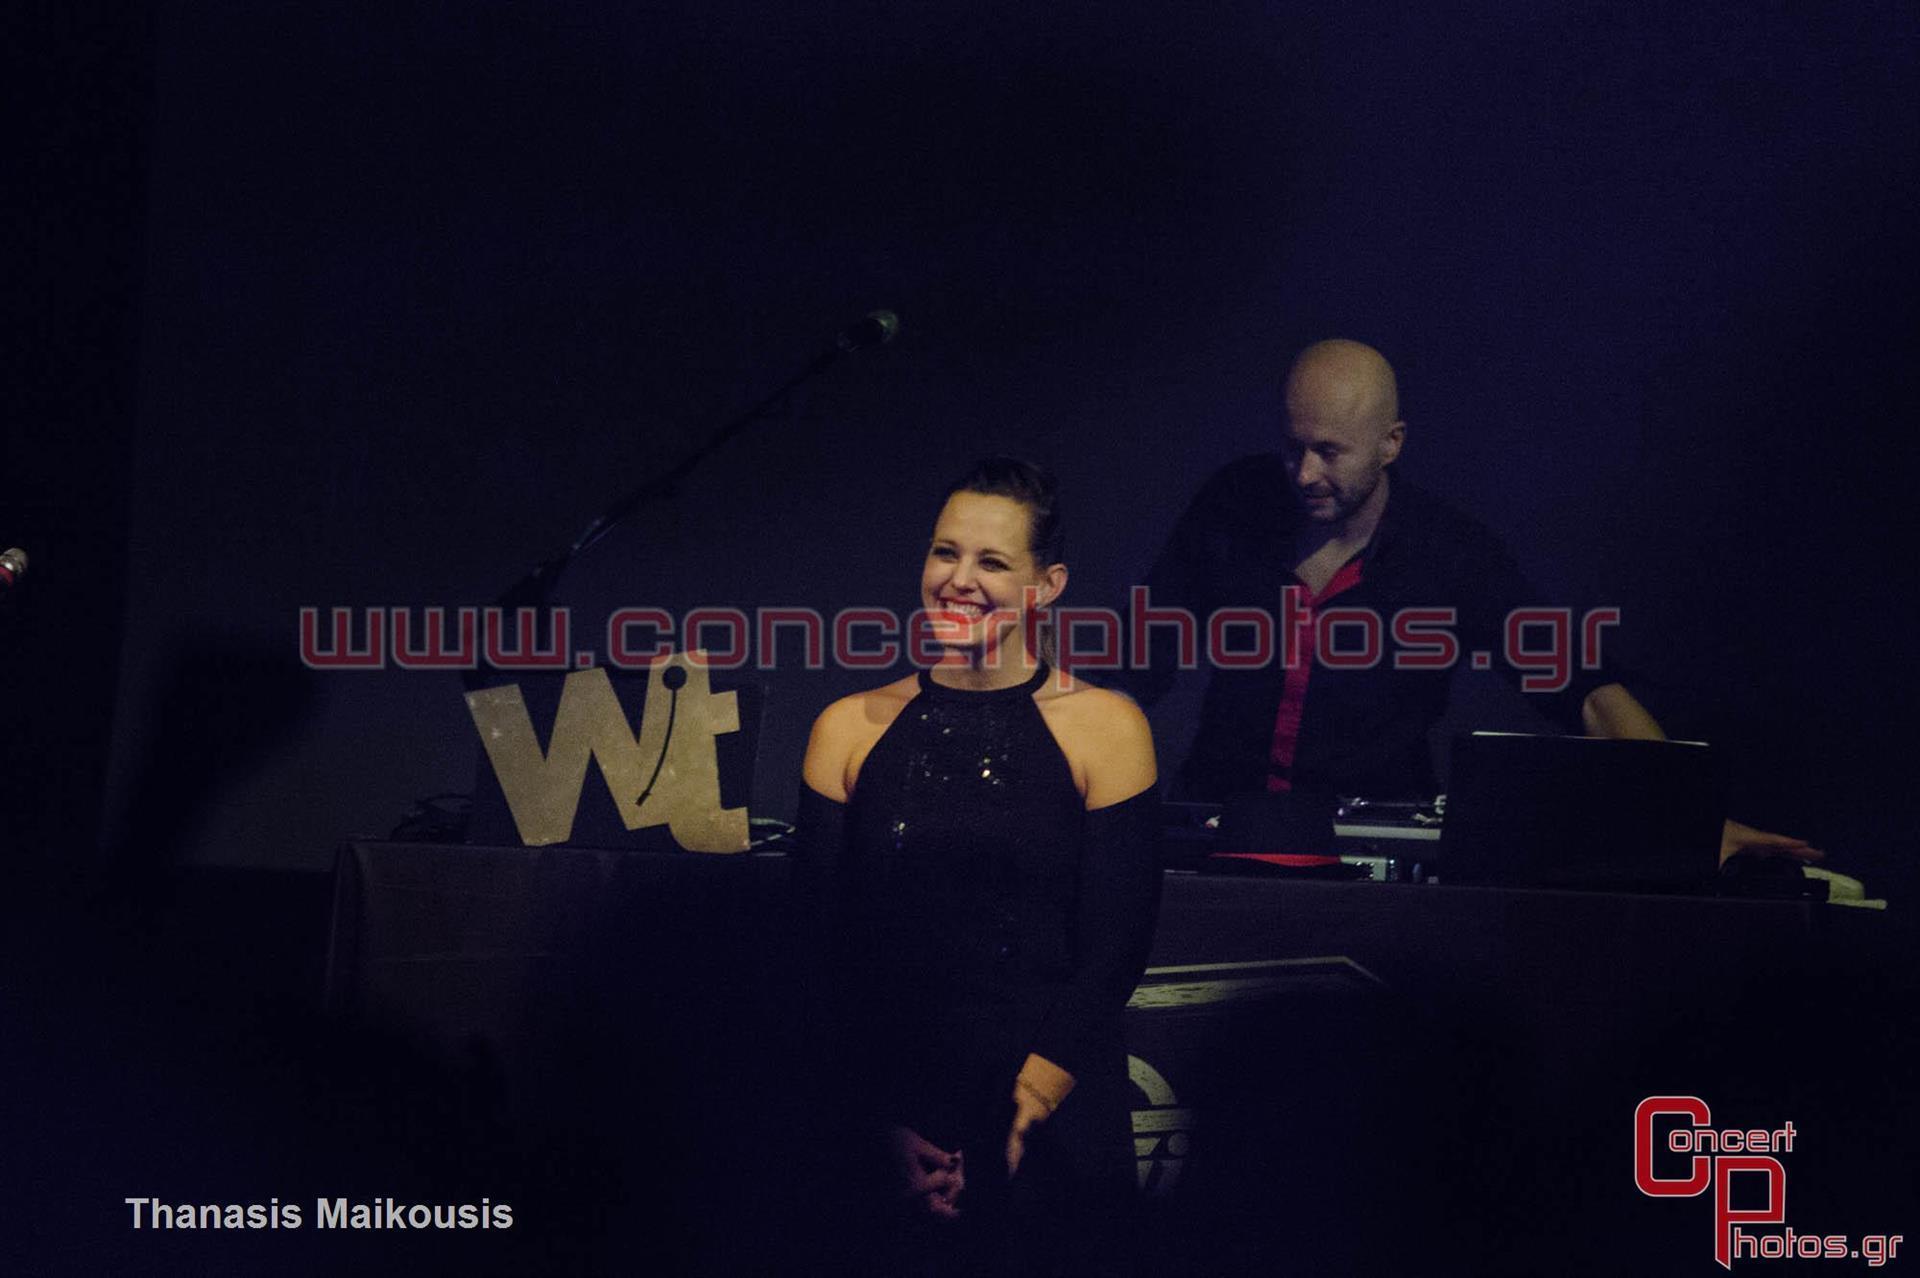 Wax Tailor - photographer: Thanasis Maikousis - ConcertPhotos-7916